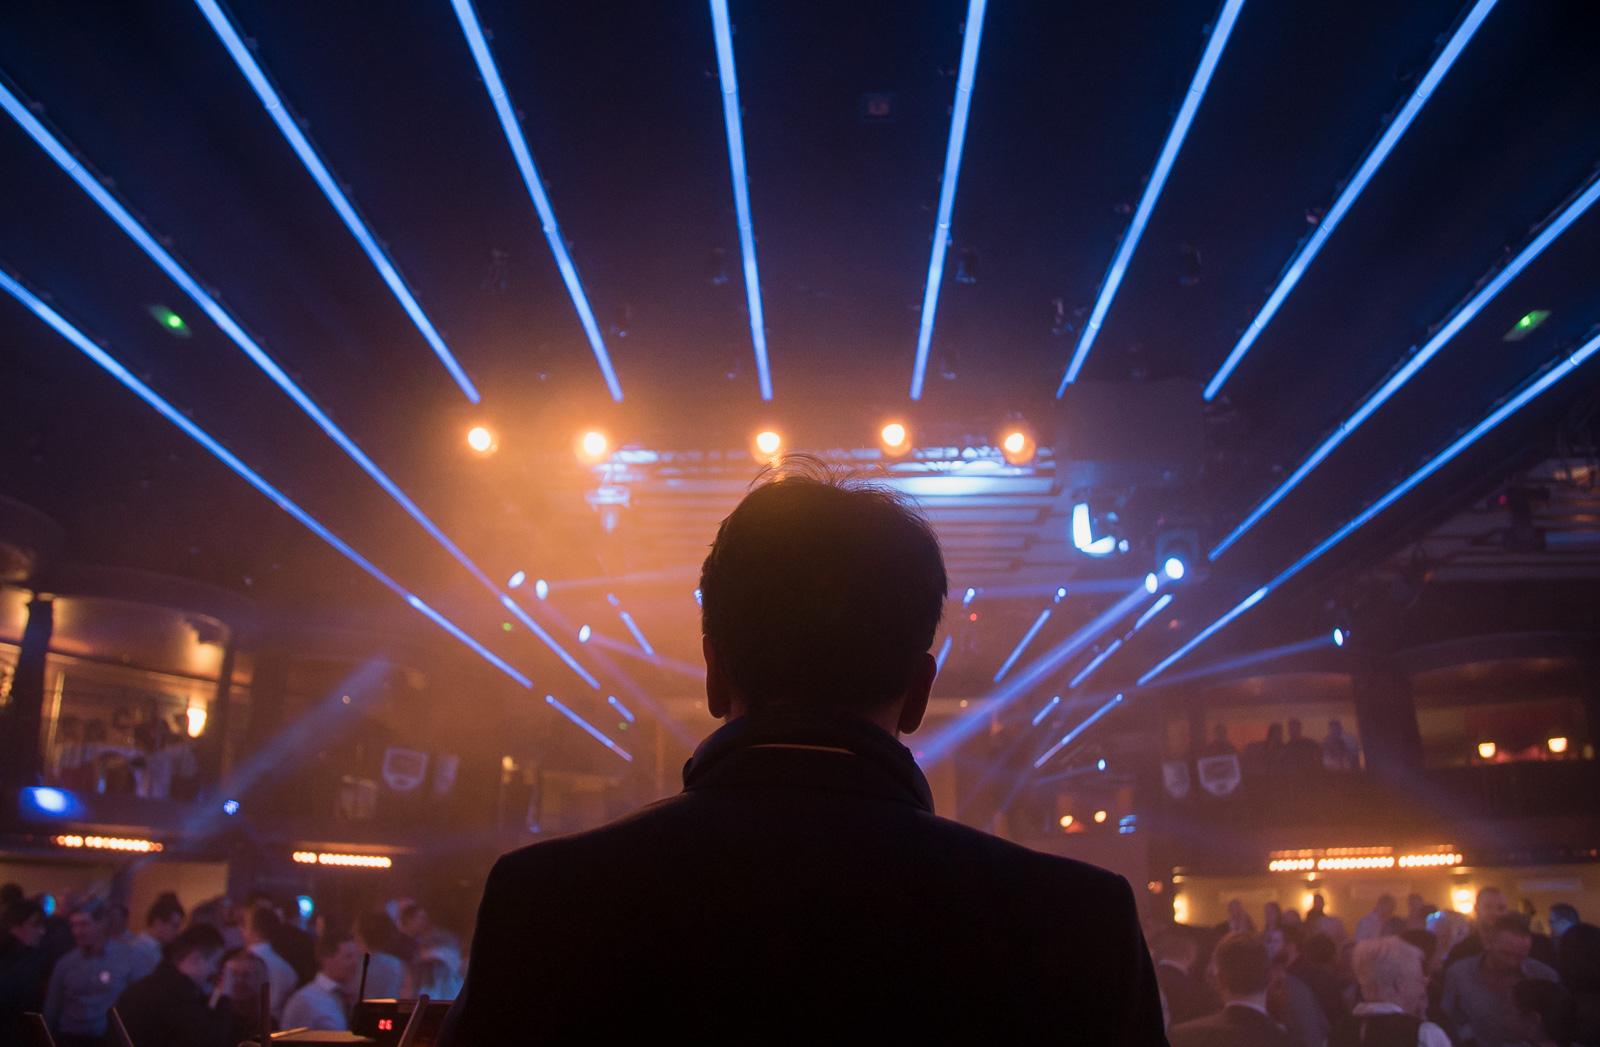 Nolan aux platines au cours d'une soirée d'entreprise à Paris animée par l'orchestre et DJ live Paris Groove